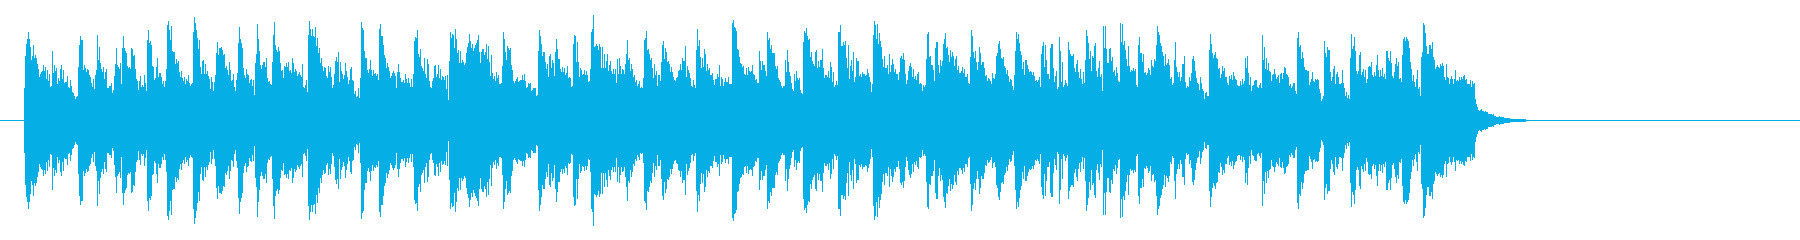 リゾート風ポップバラード(サビ)の再生済みの波形